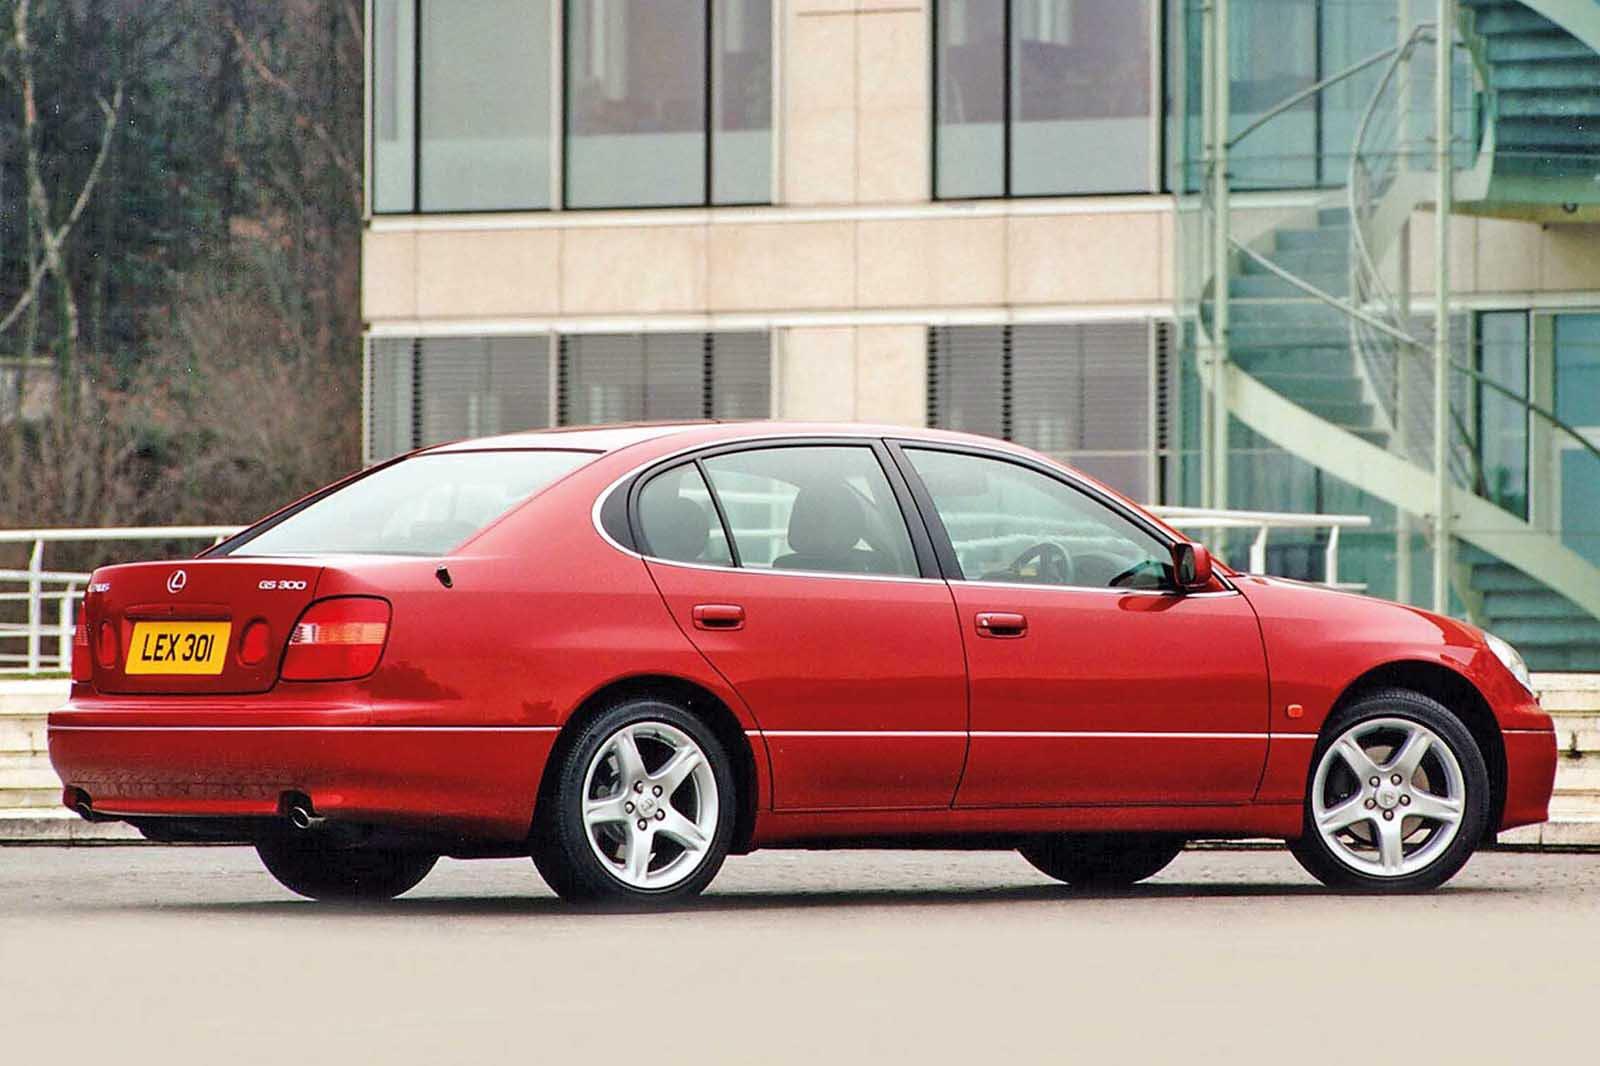 Lexus GS 300 rear/side shot